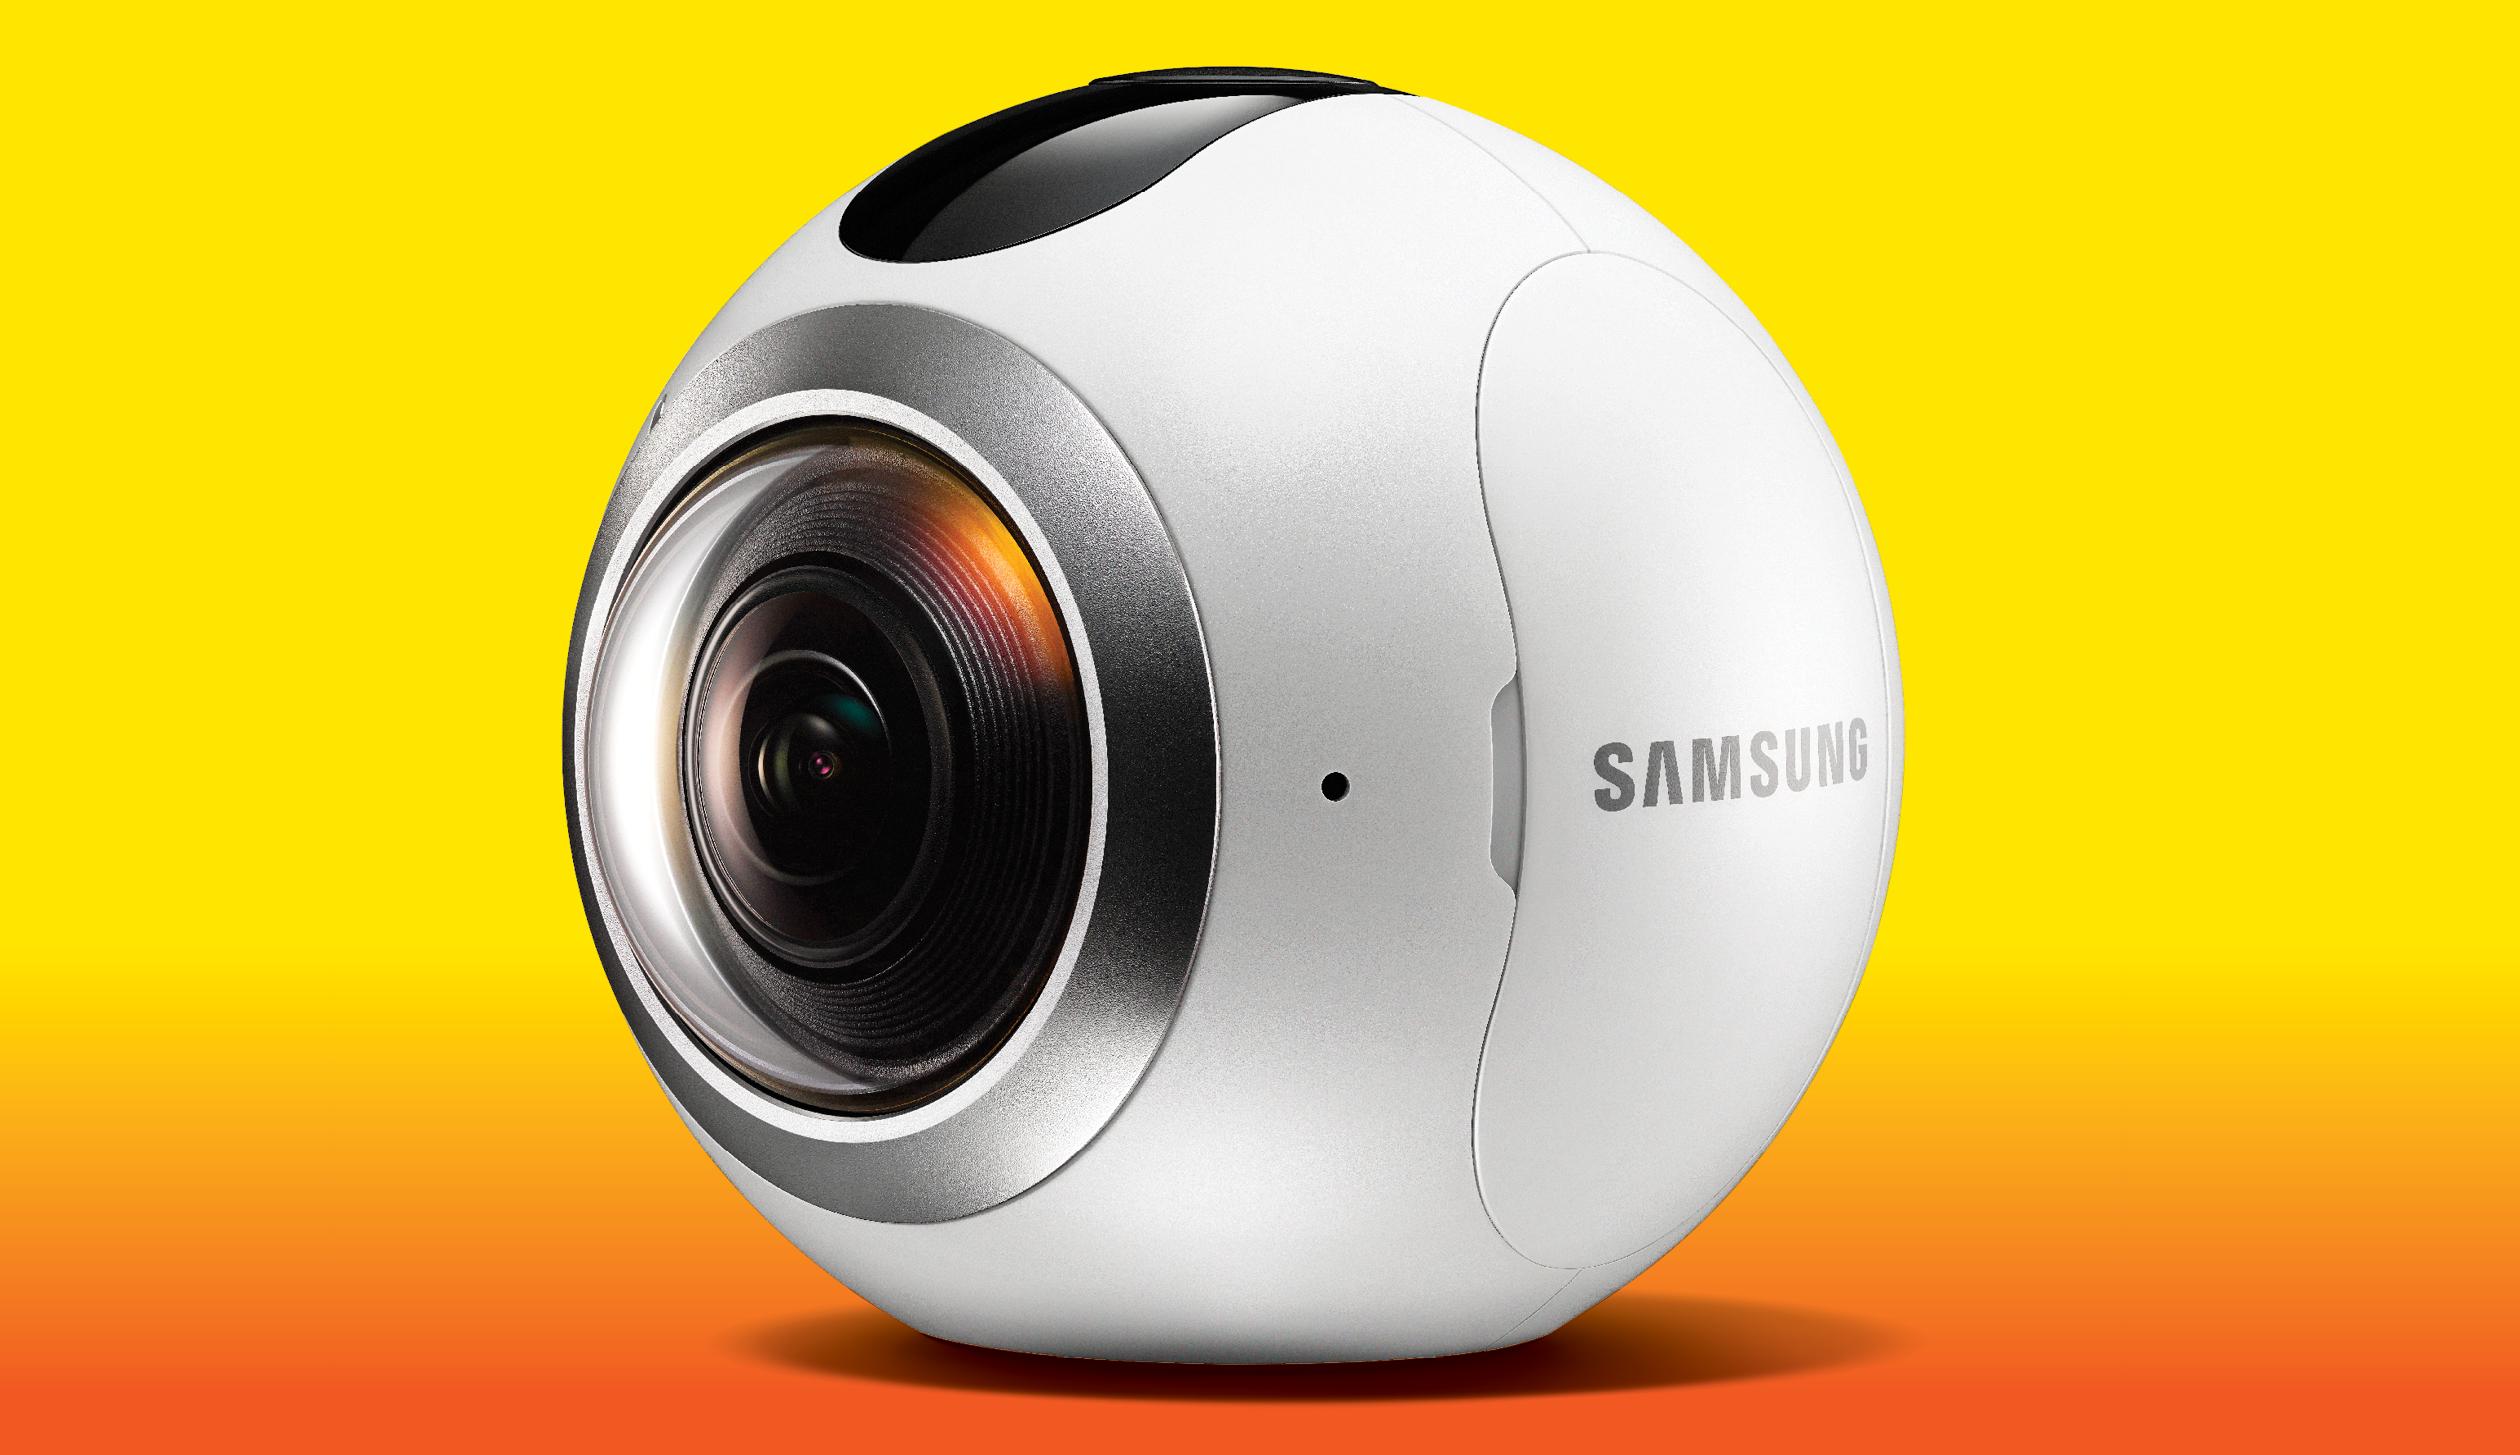 Samsung's Gear 360 Camera